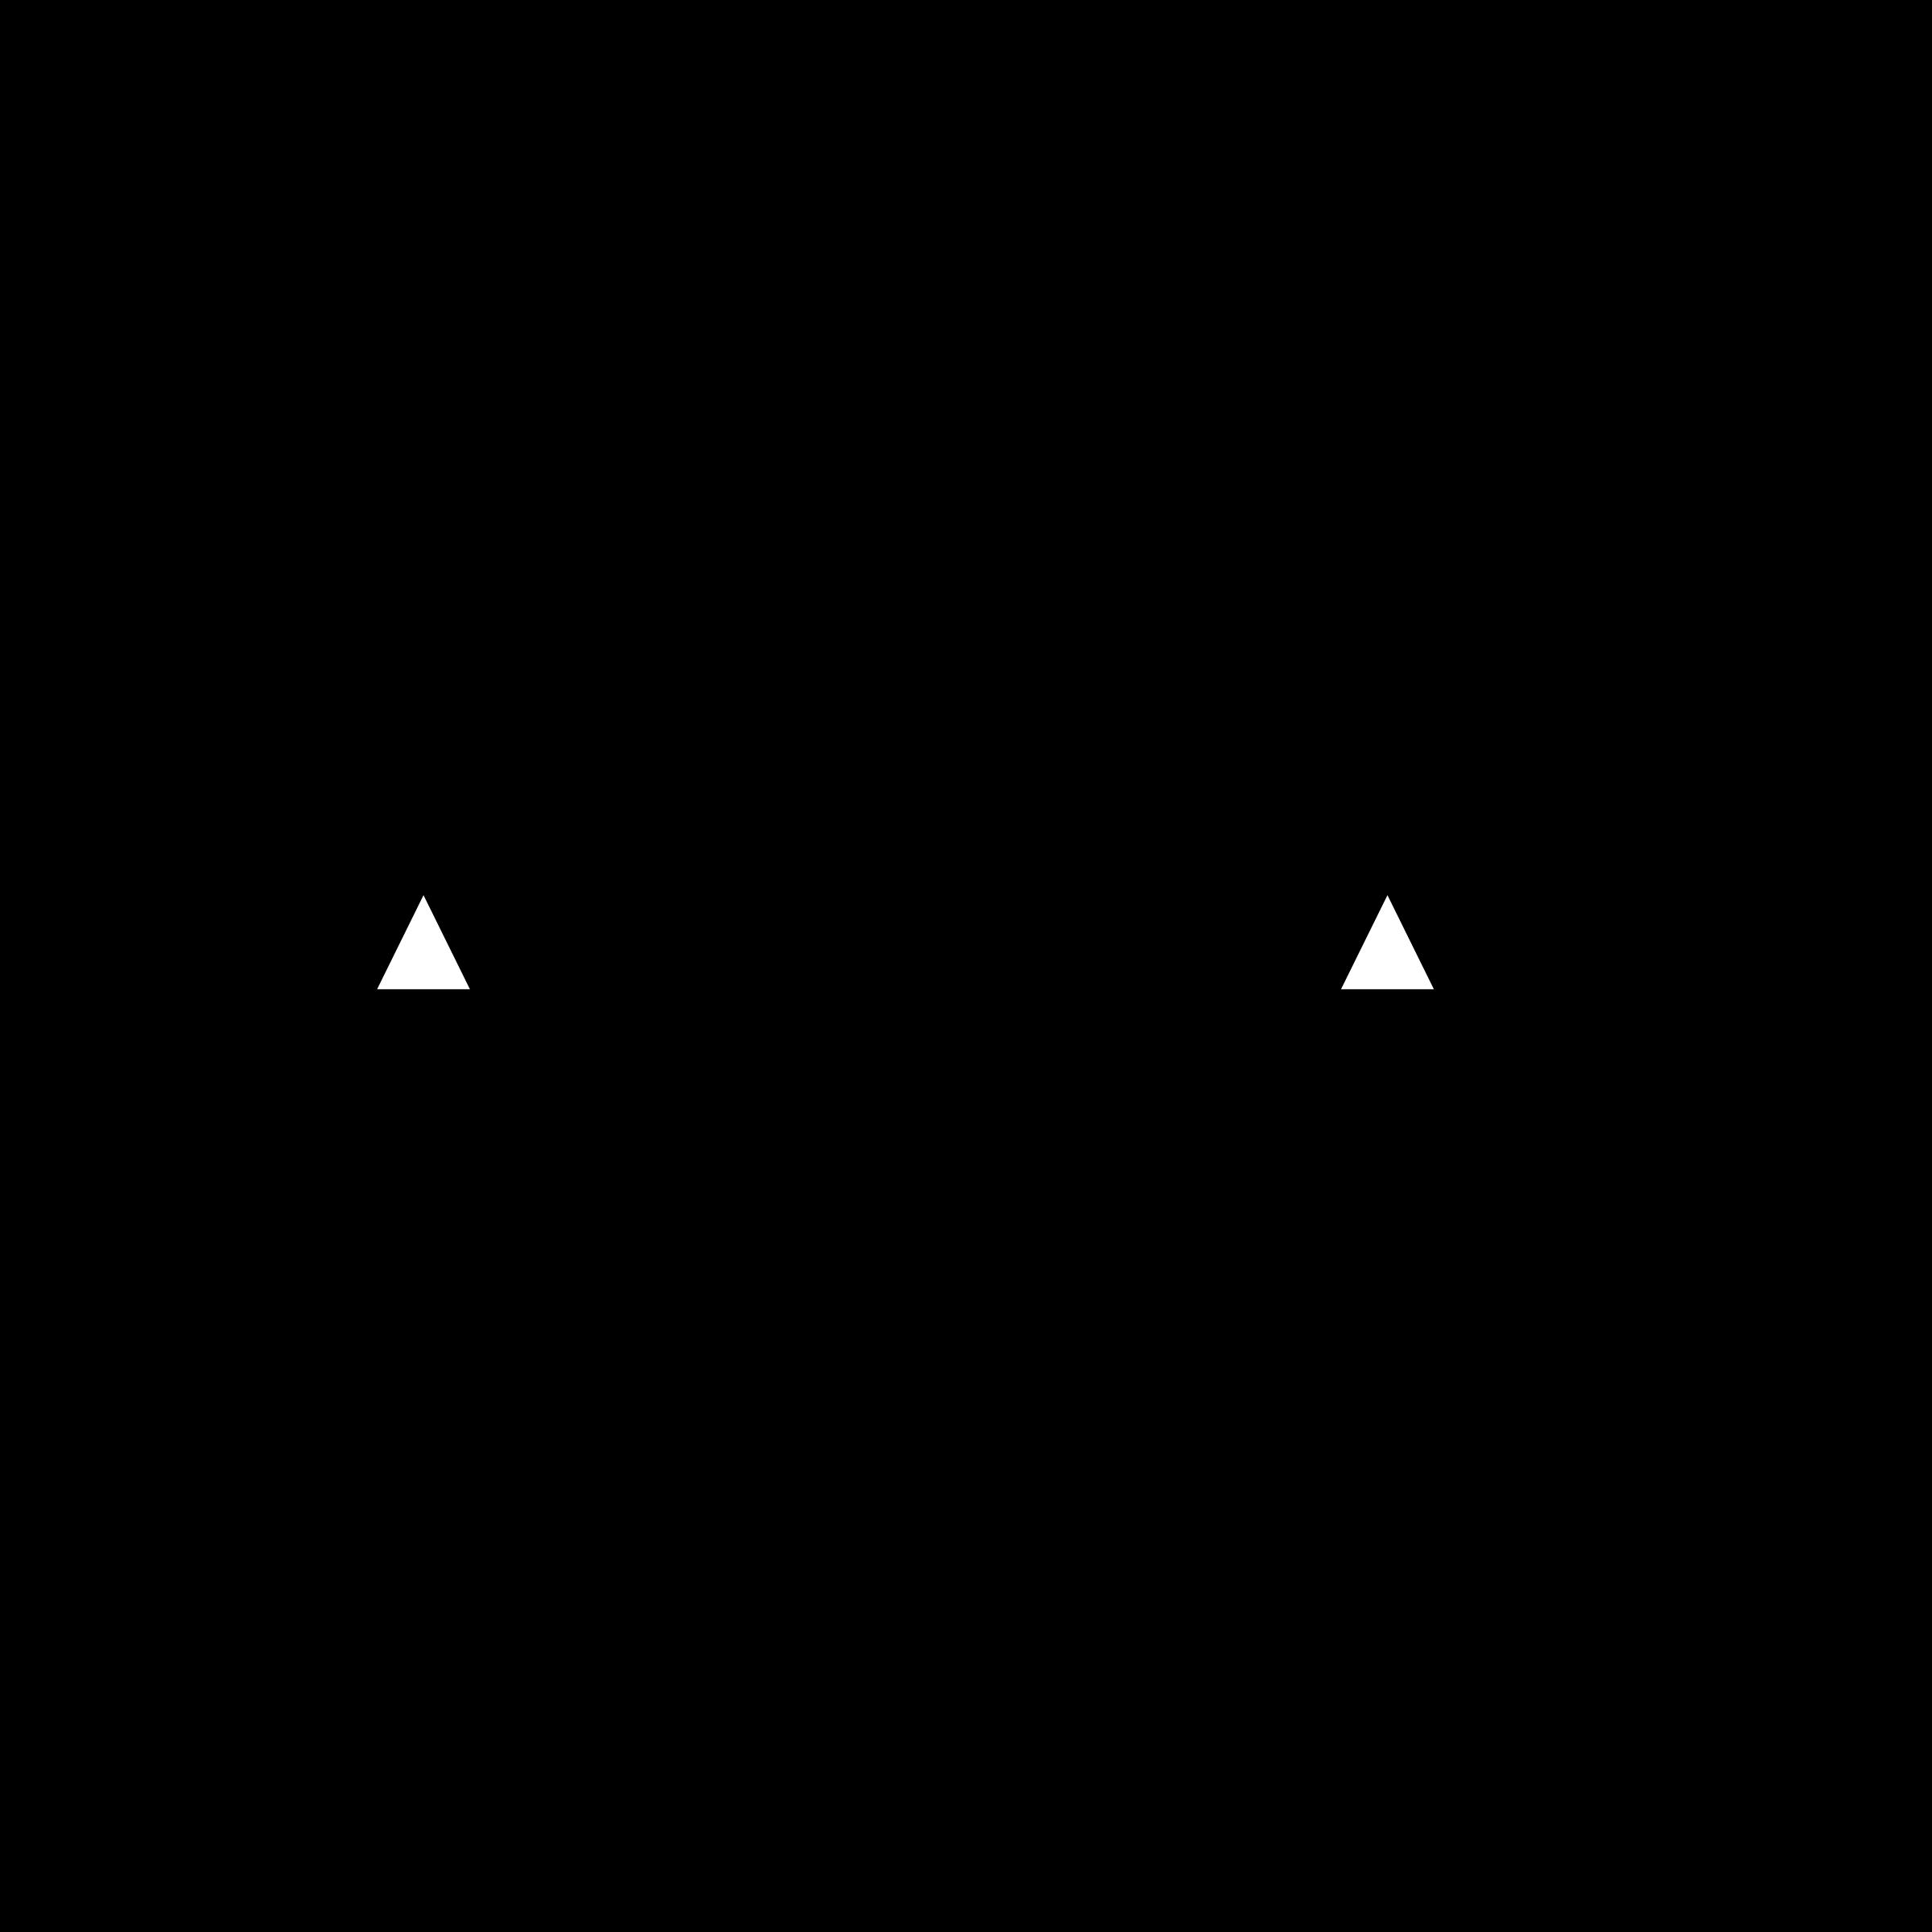 tascam-logo-png-transparent.png